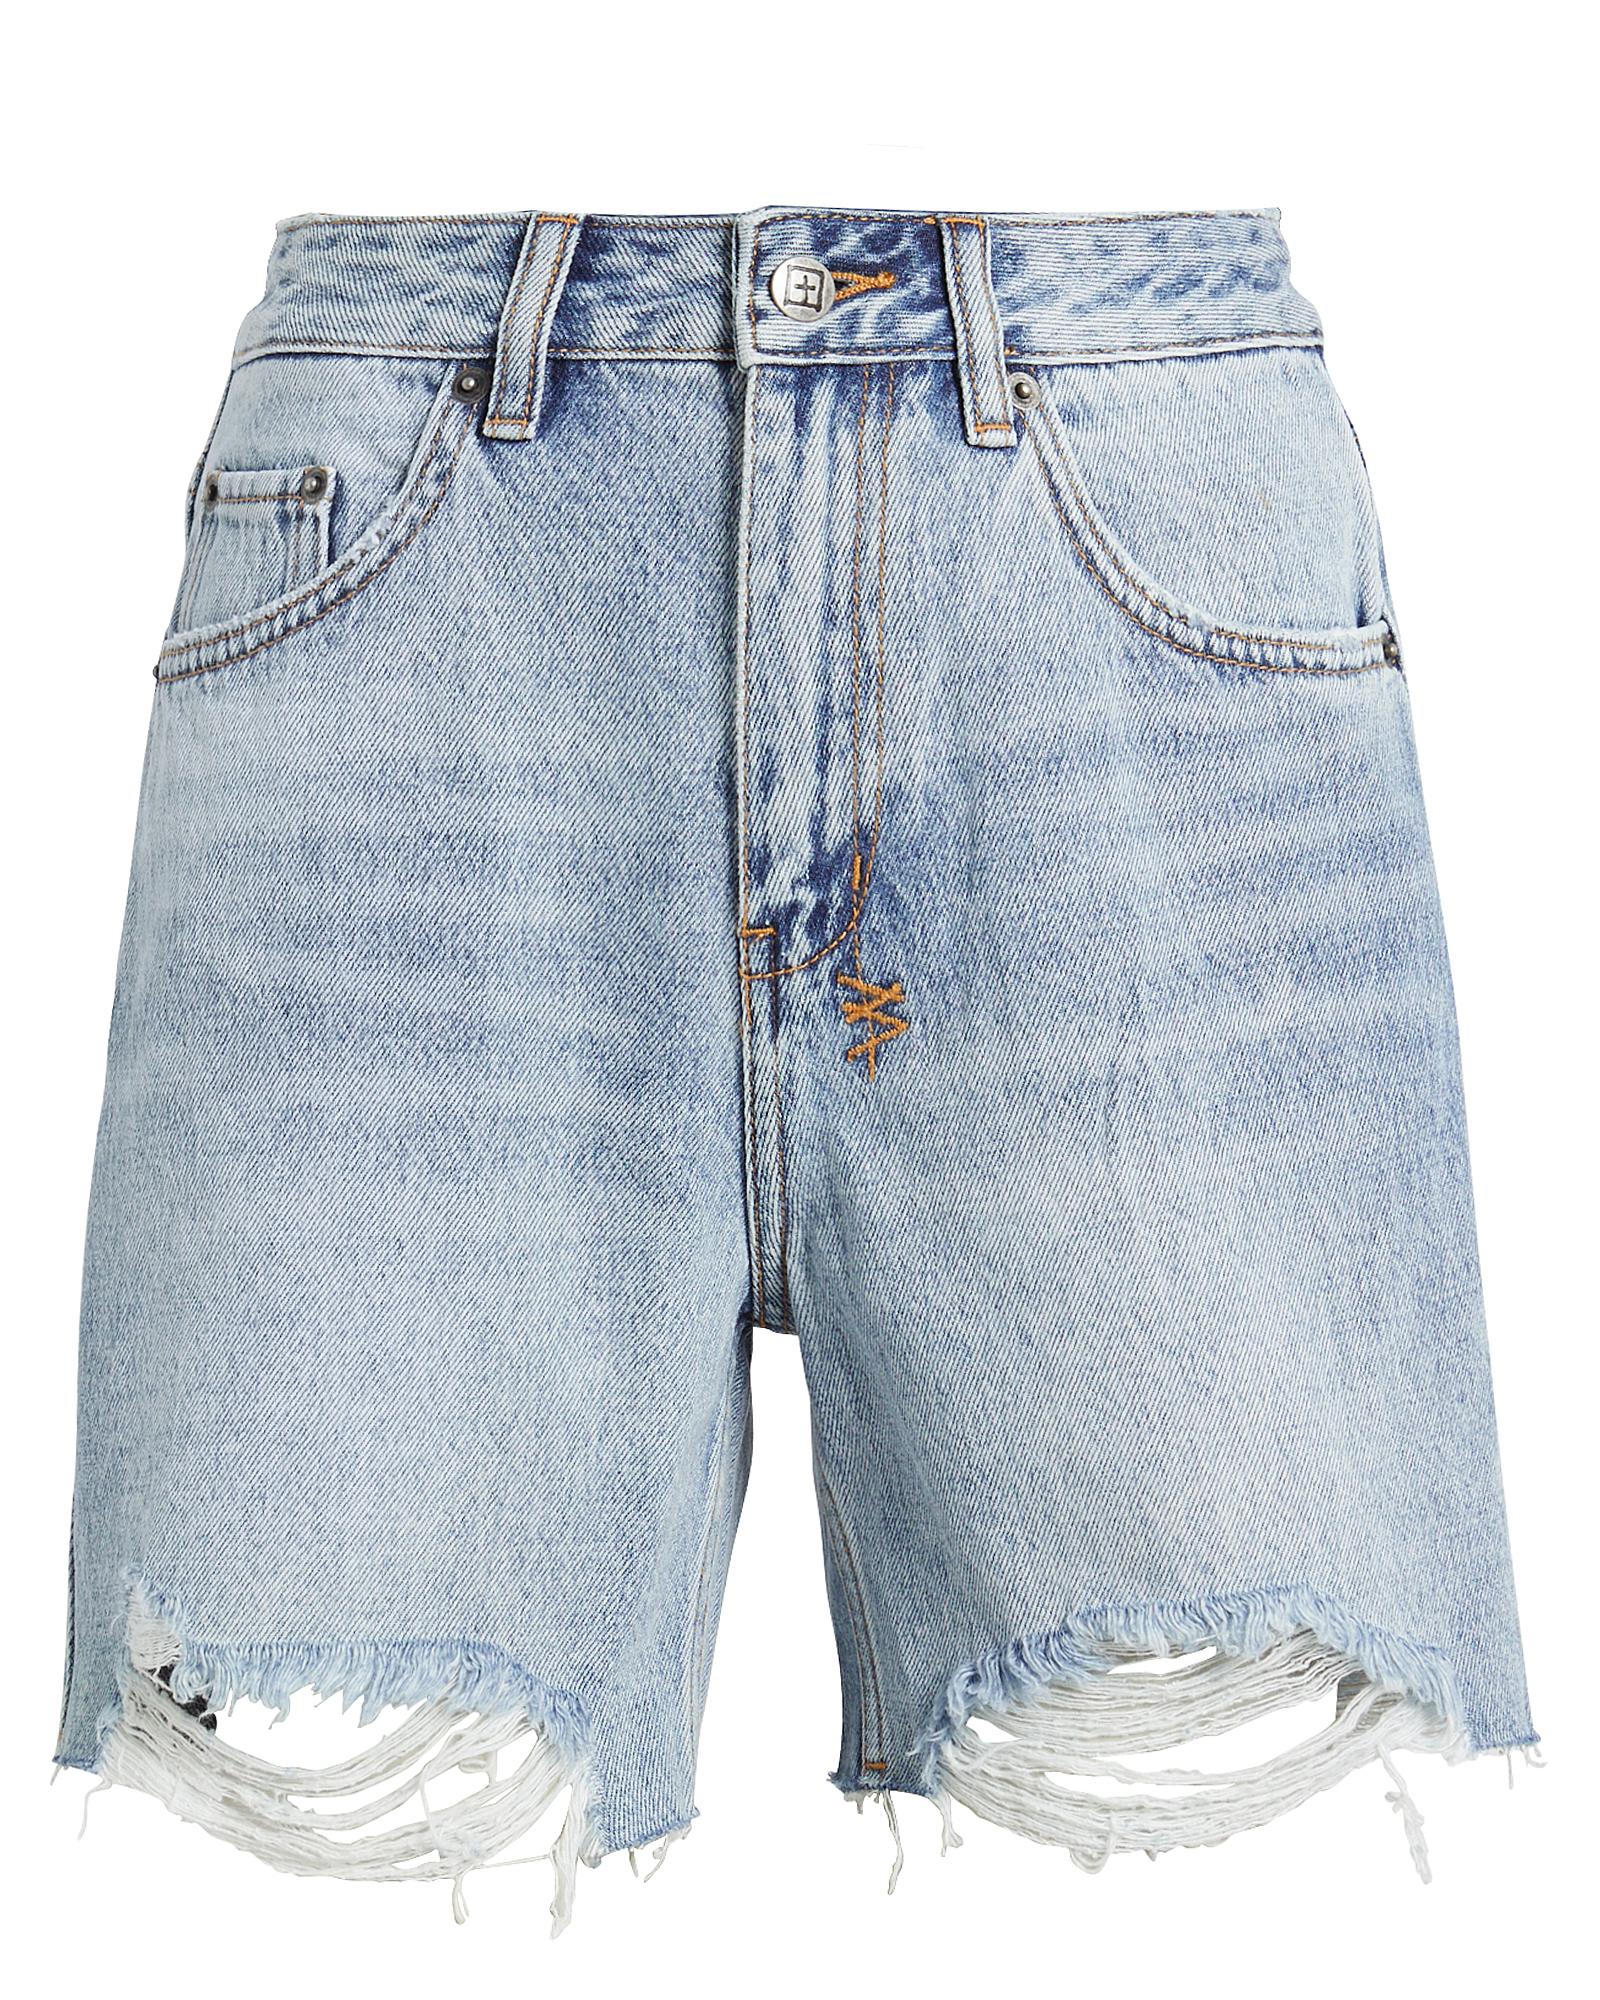 Ksubi Shorts Racy Denim Cut-Off Shorts